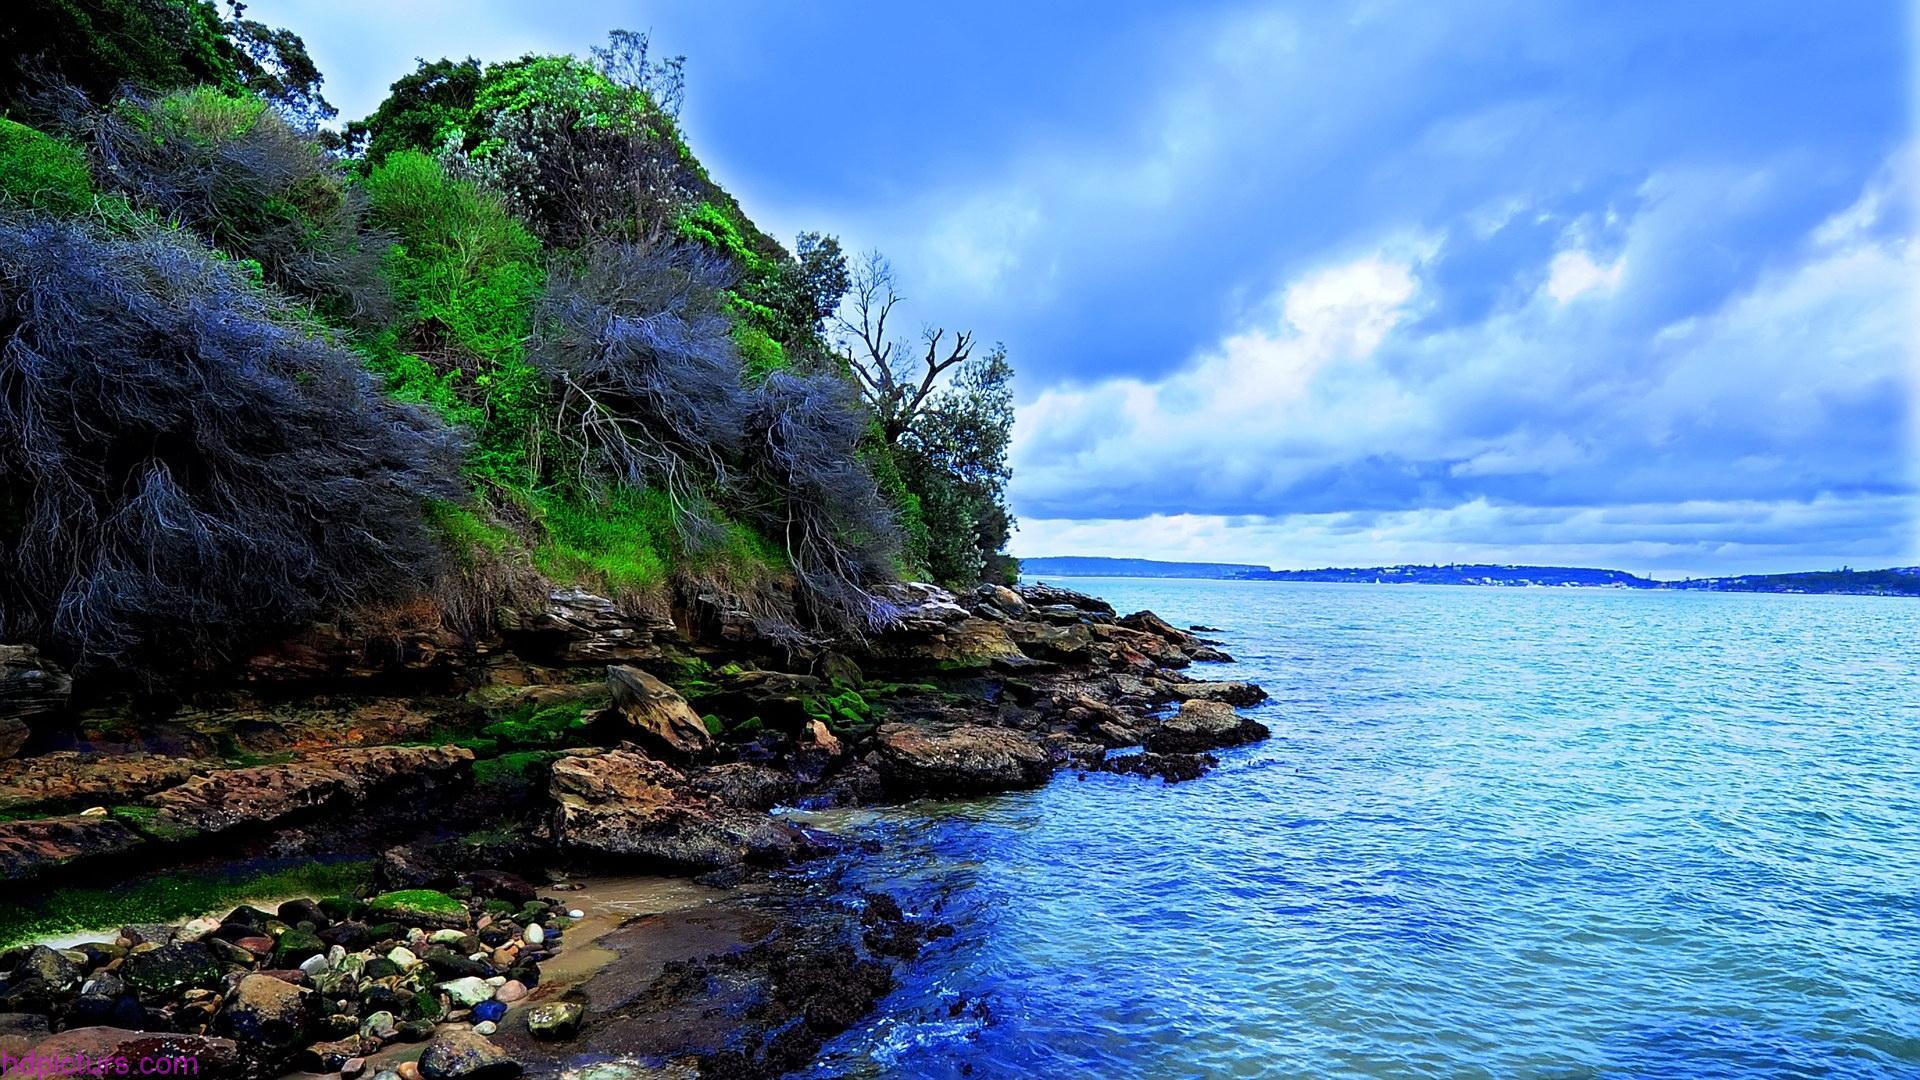 صورة صور الطبيعة الجميلة , صور اجمل المناظر الطبيعيه تسحرك